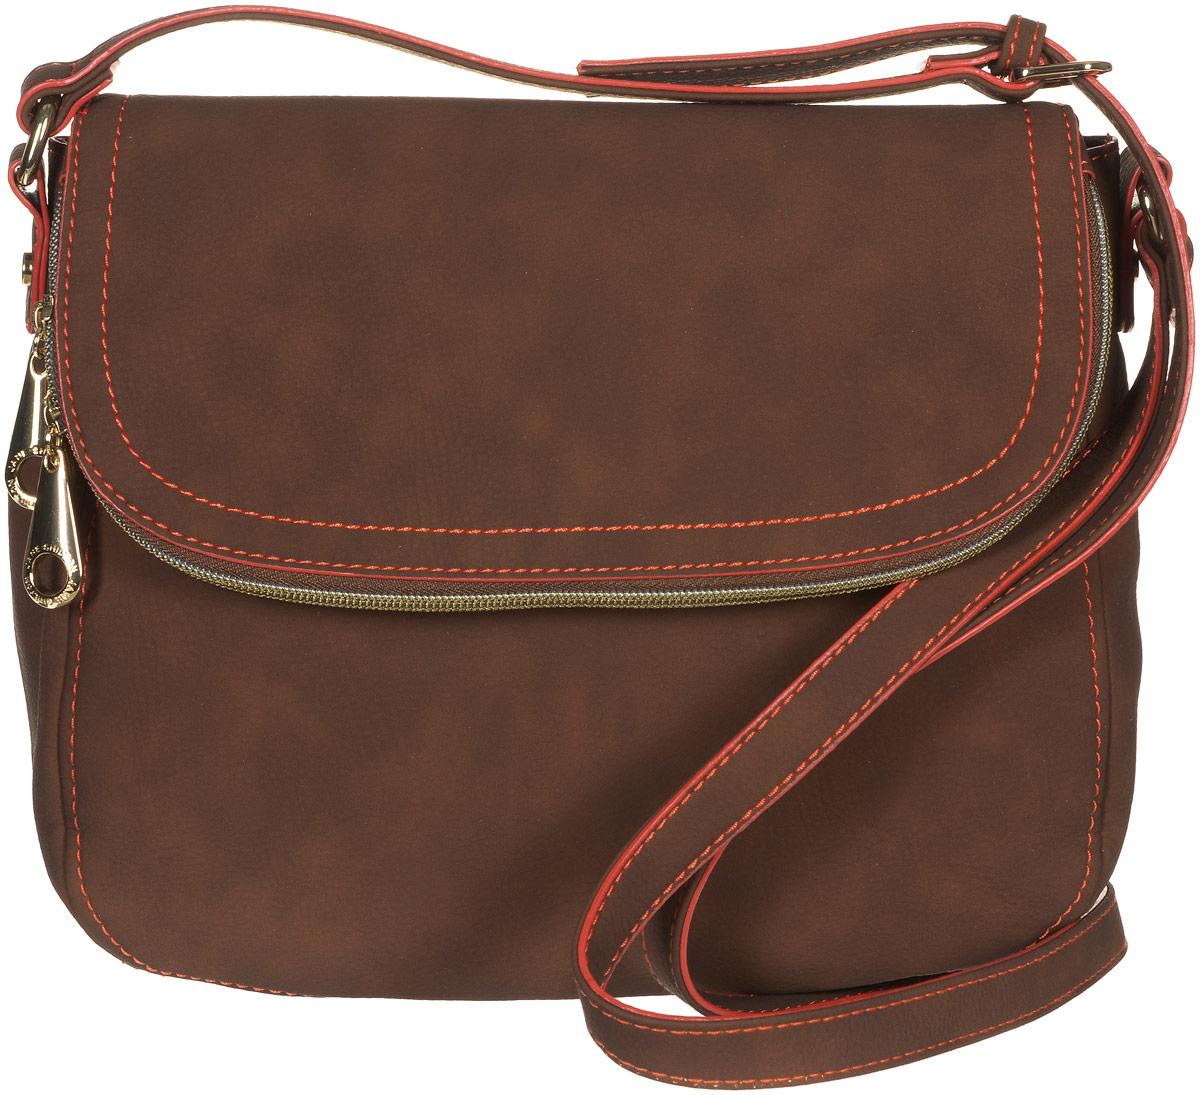 Сумка женская Jane Shilton, цвет: коричневый. 2145S76245Стильная сумка Jane Shilton не оставит вас равнодушной благодаря своему дизайну и практичности. Она изготовлена из качественной искусственной кожи и оформлена контрастной прострочкой. На тыльной стороне расположен удобный вшитый карман на молнии. Сумка оснащена удобным плечевым ремнем, длина которого регулируется с помощью пряжки. Изделие закрывается клапаном на магнитную кнопку. Клапан оснащен внутреннимвместительным карманом, который закрывается на удобную молнию. Внутри расположено главное отделение, которое содержит один открытый накладной карман для телефона и один вшитый карман на молнии для мелочей. Такая модная и практичная сумка завершит ваш образ и станет незаменимым аксессуаром в вашем гардеробе.